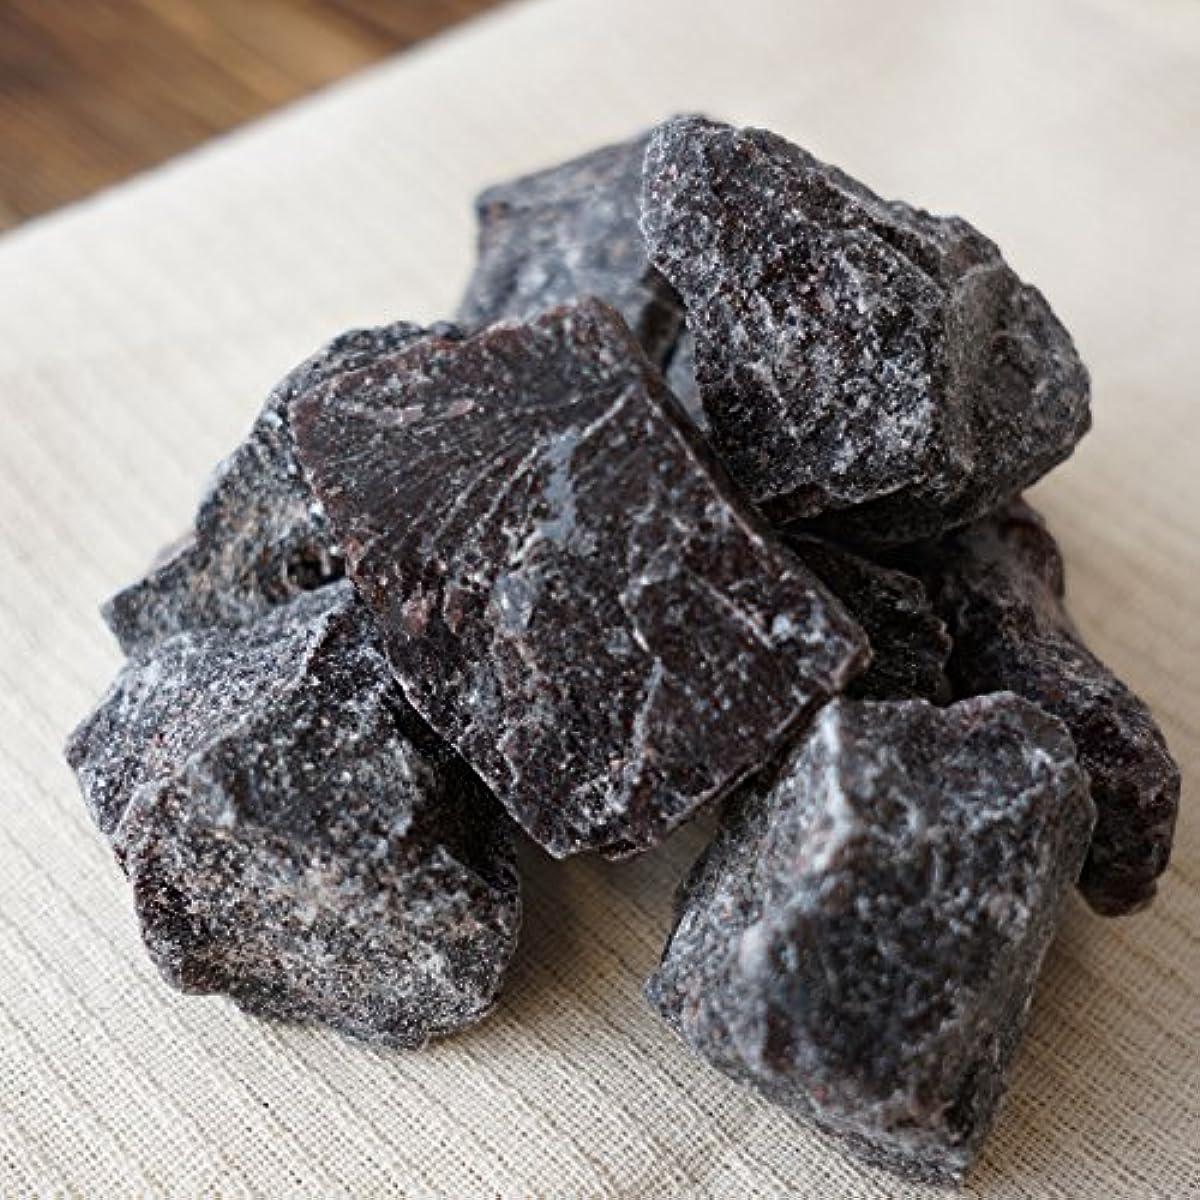 その他ピッチャー小競り合い希少 インド岩塩 ルビー ブロック 約2-5cm 5,000g 原料